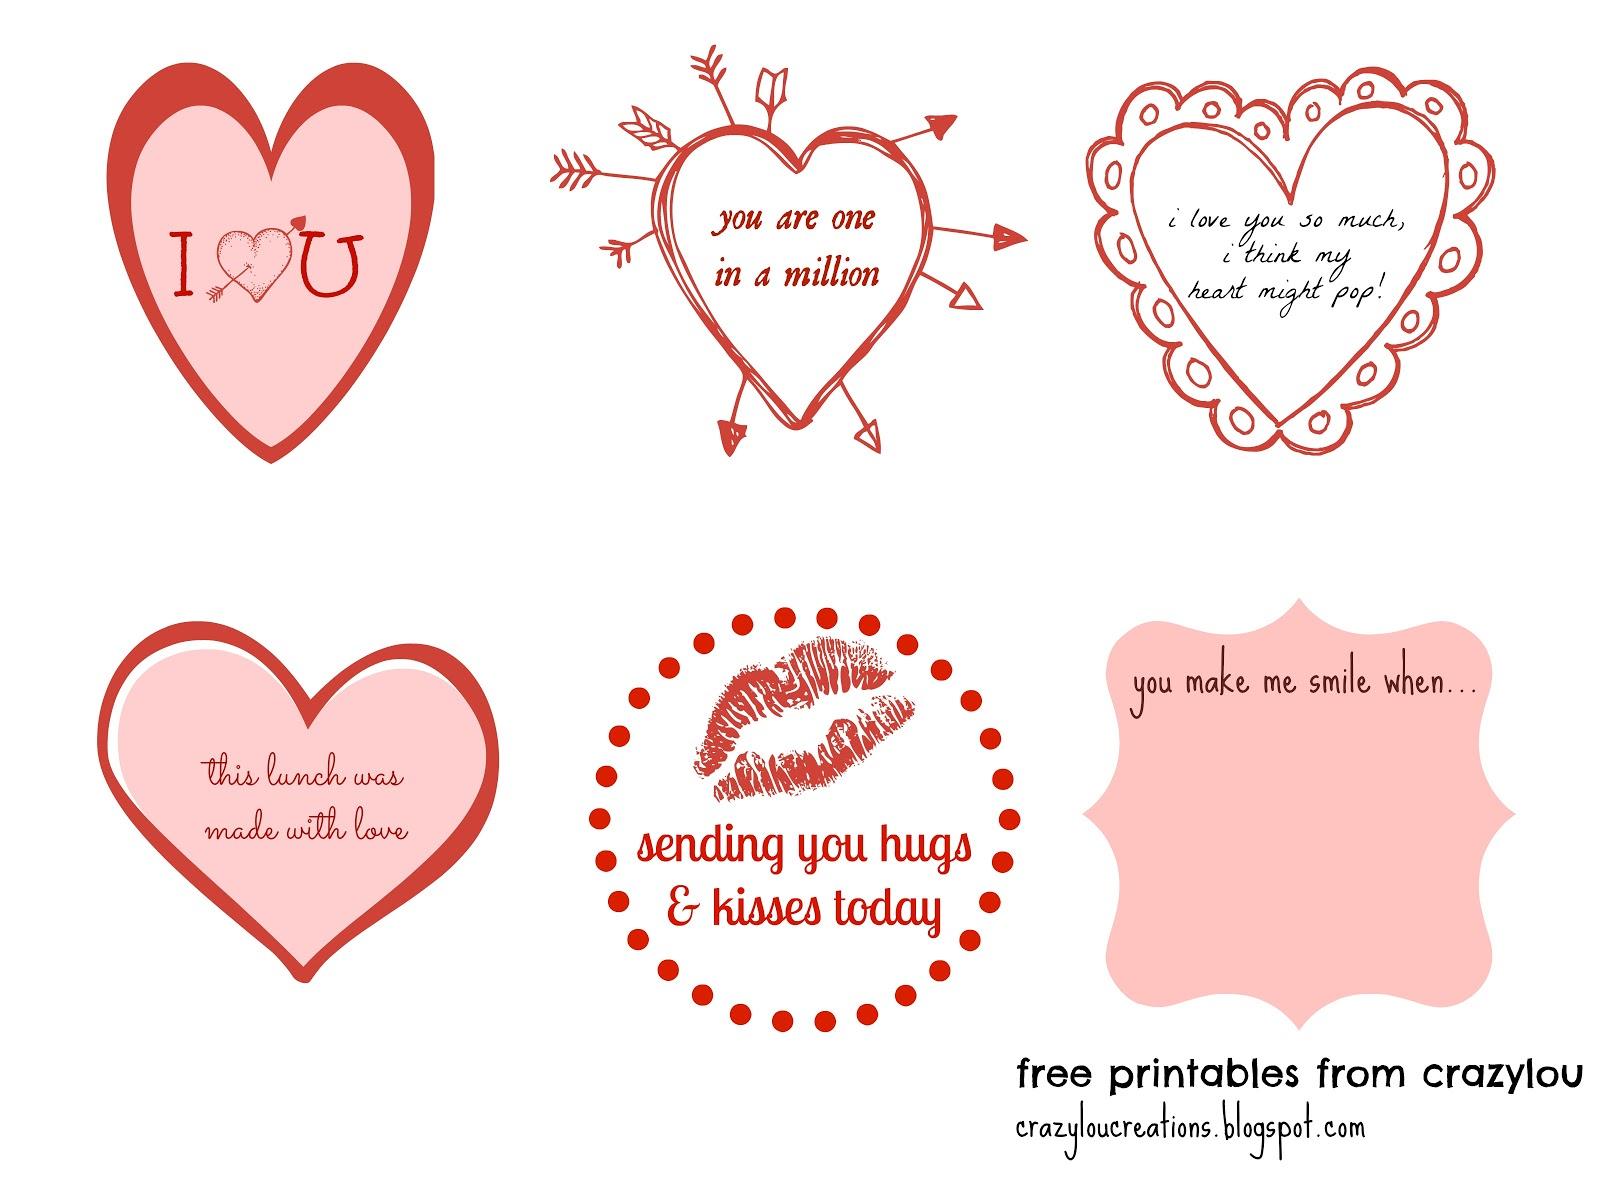 crazylou: FREE PRINTABLES!